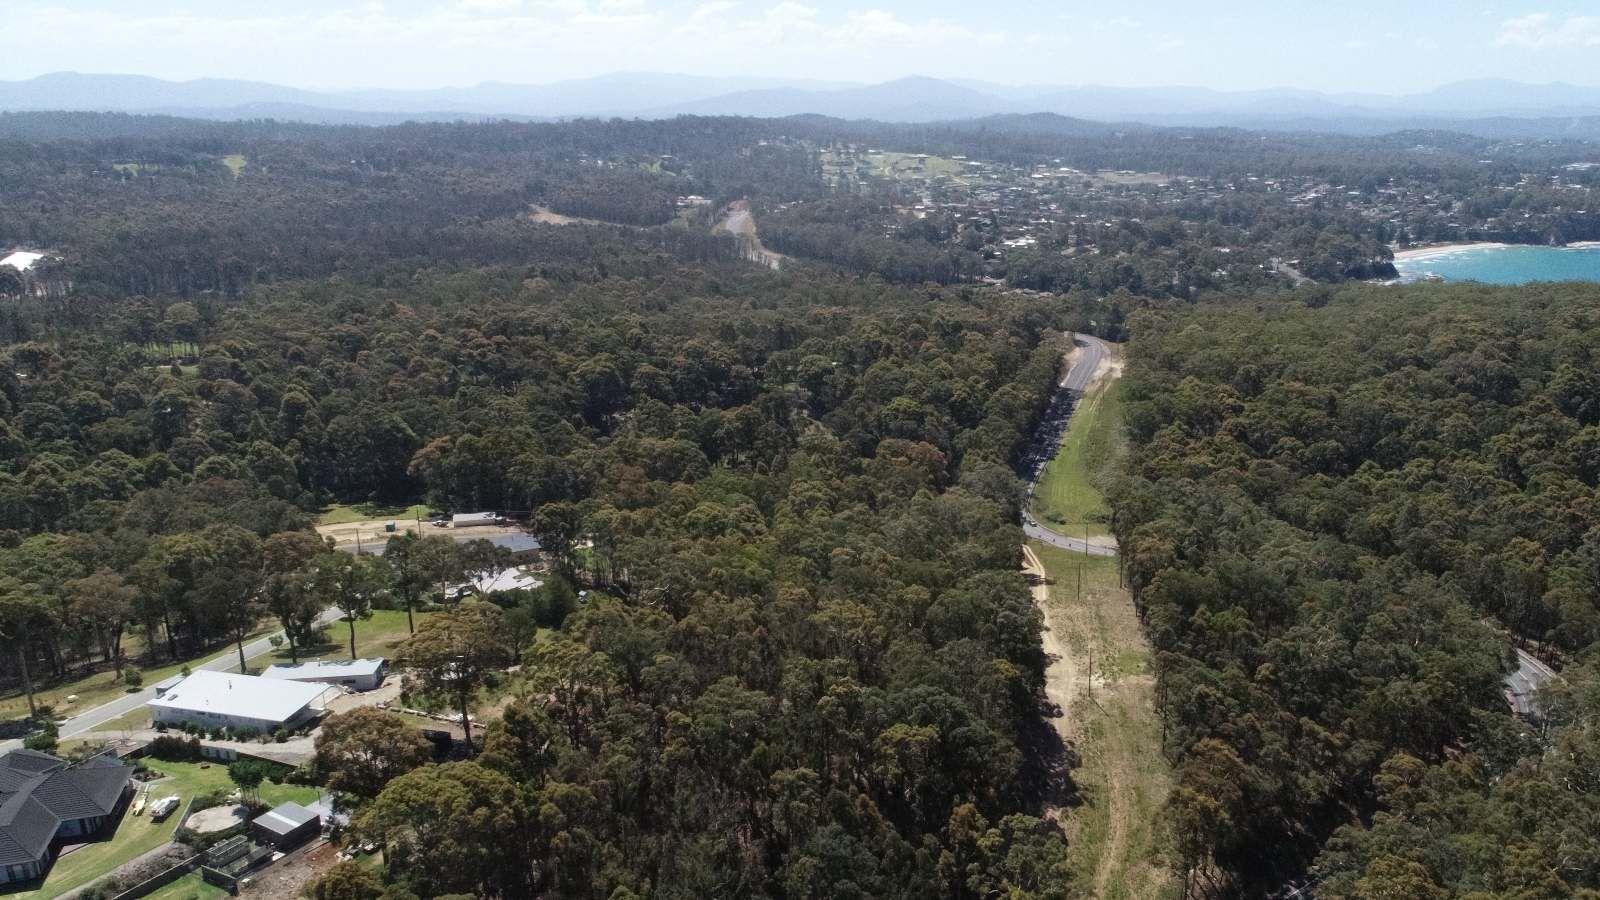 Aerial view of bushfire prone land in Eurobodalla Shire banner image